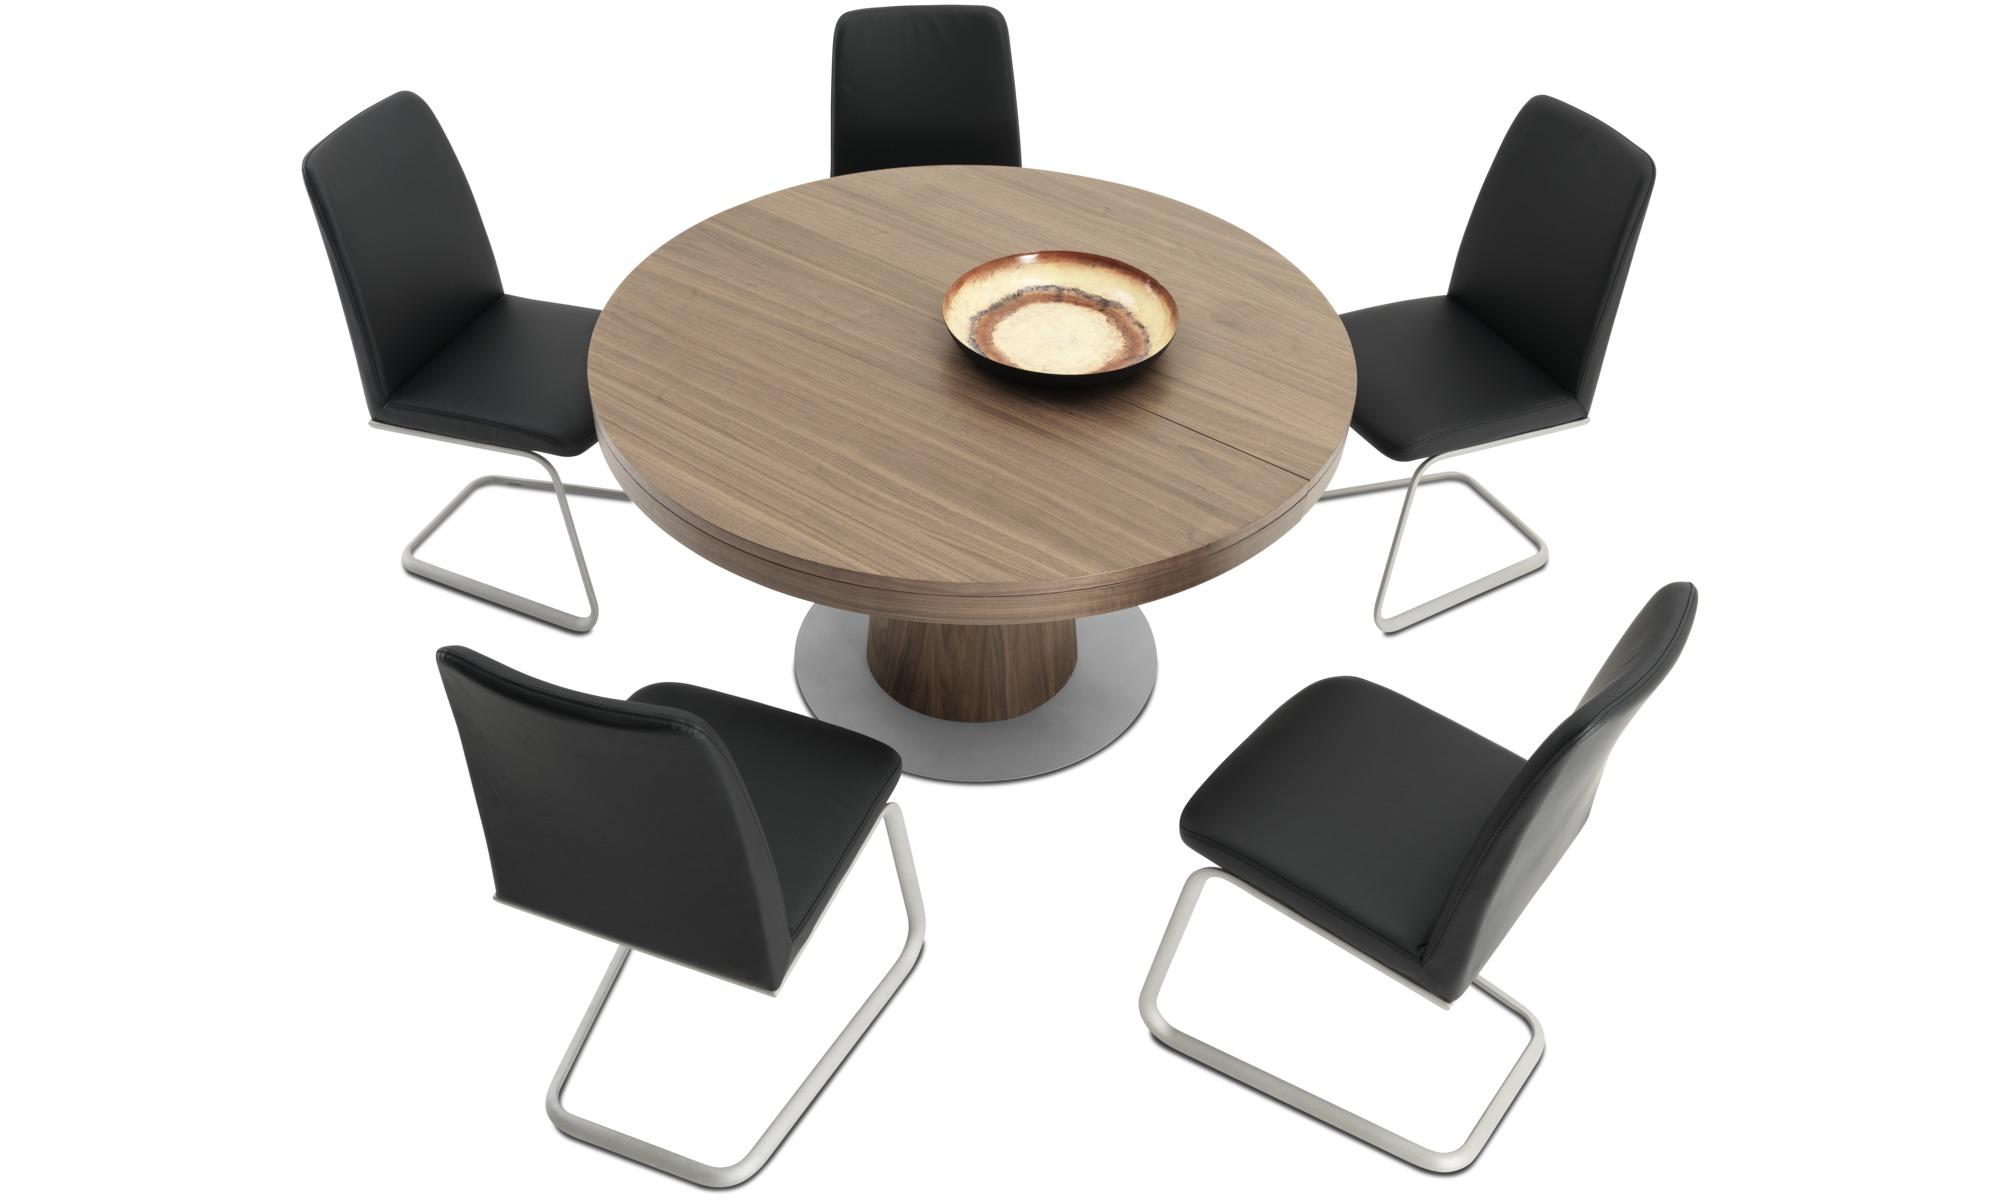 Mesas de comedor mesa granada con tablero extensible - Mesa comedor granada ...